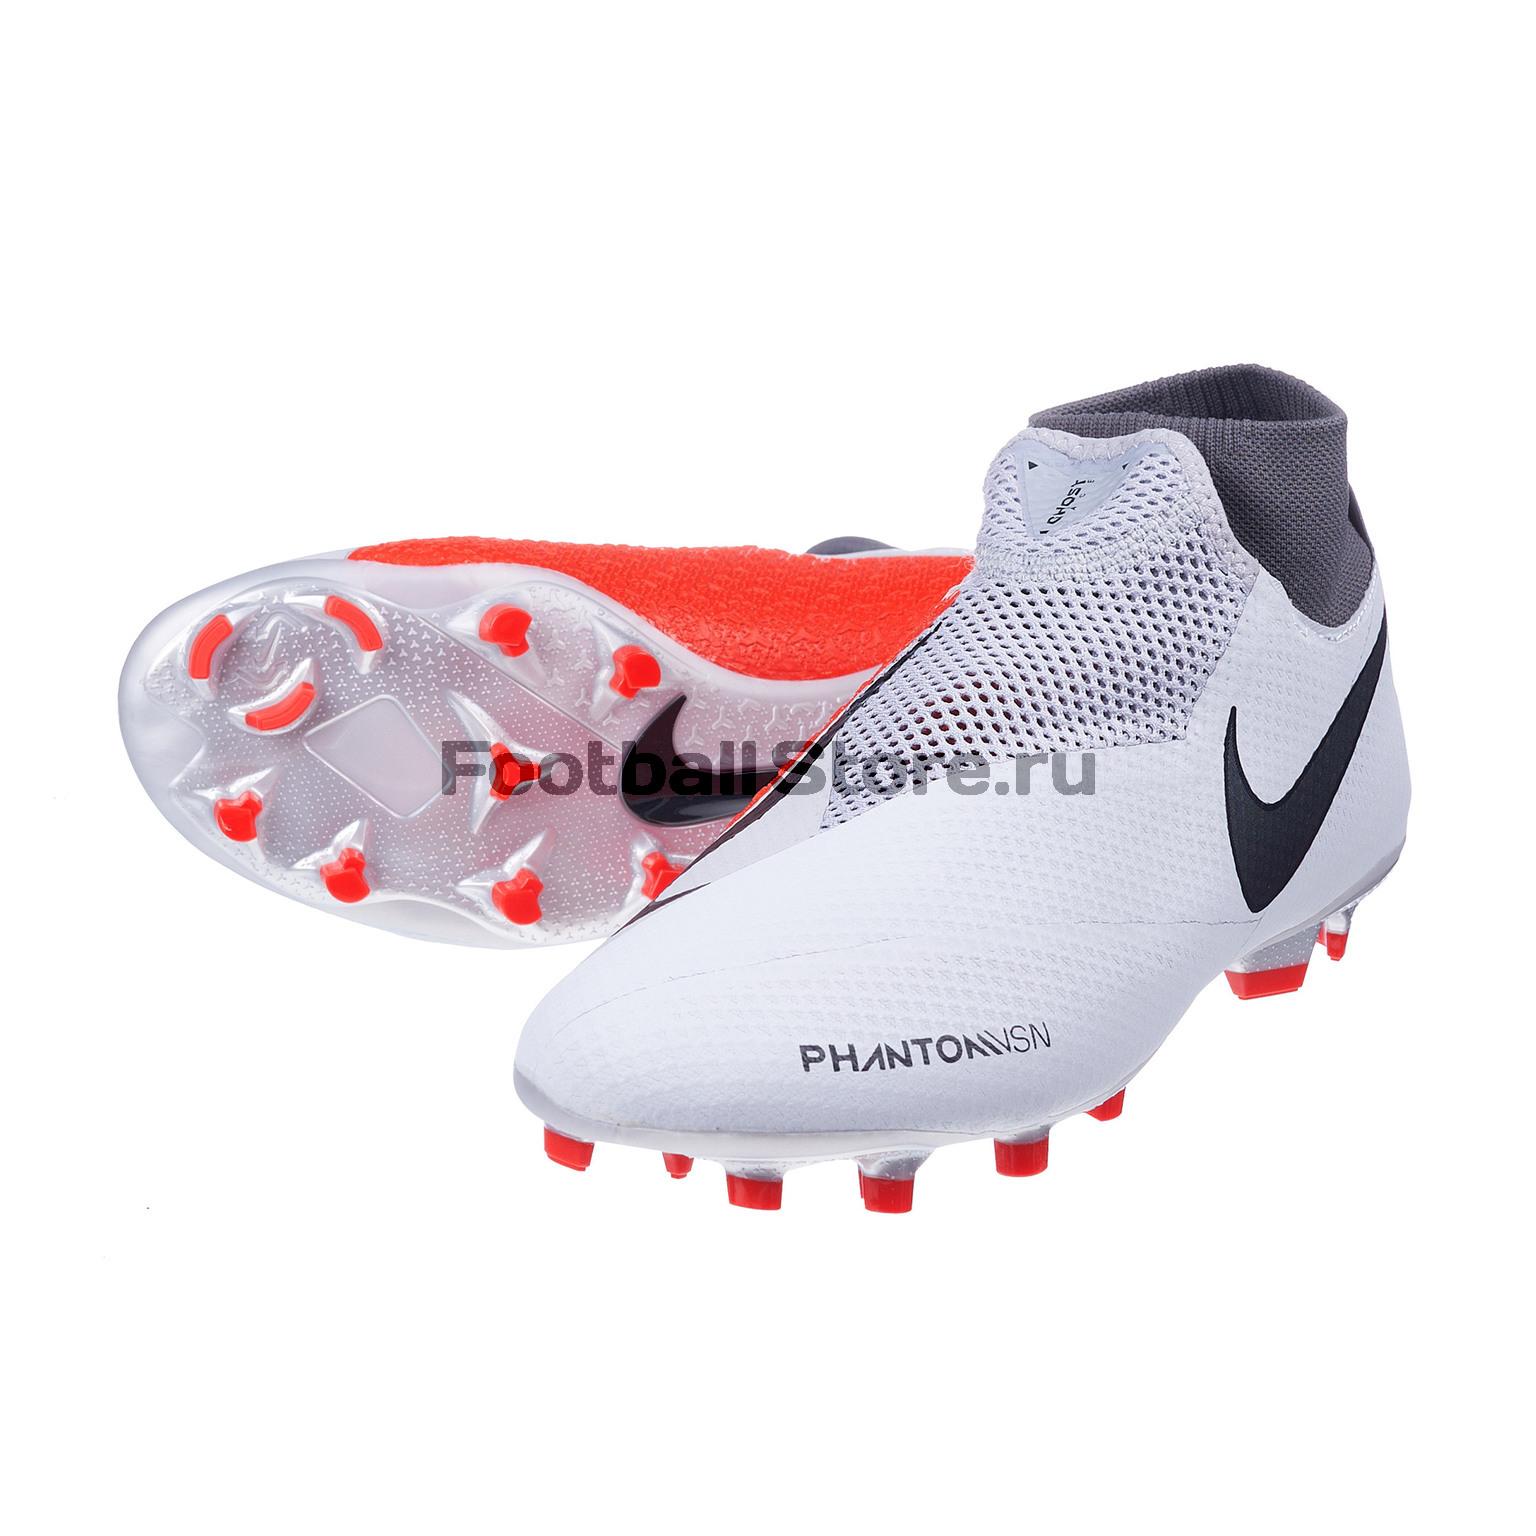 3637764966d0 Бутсы Nike Phantom 3 Pro DF FG AO3266-060 – купить бутсы в интернет ...